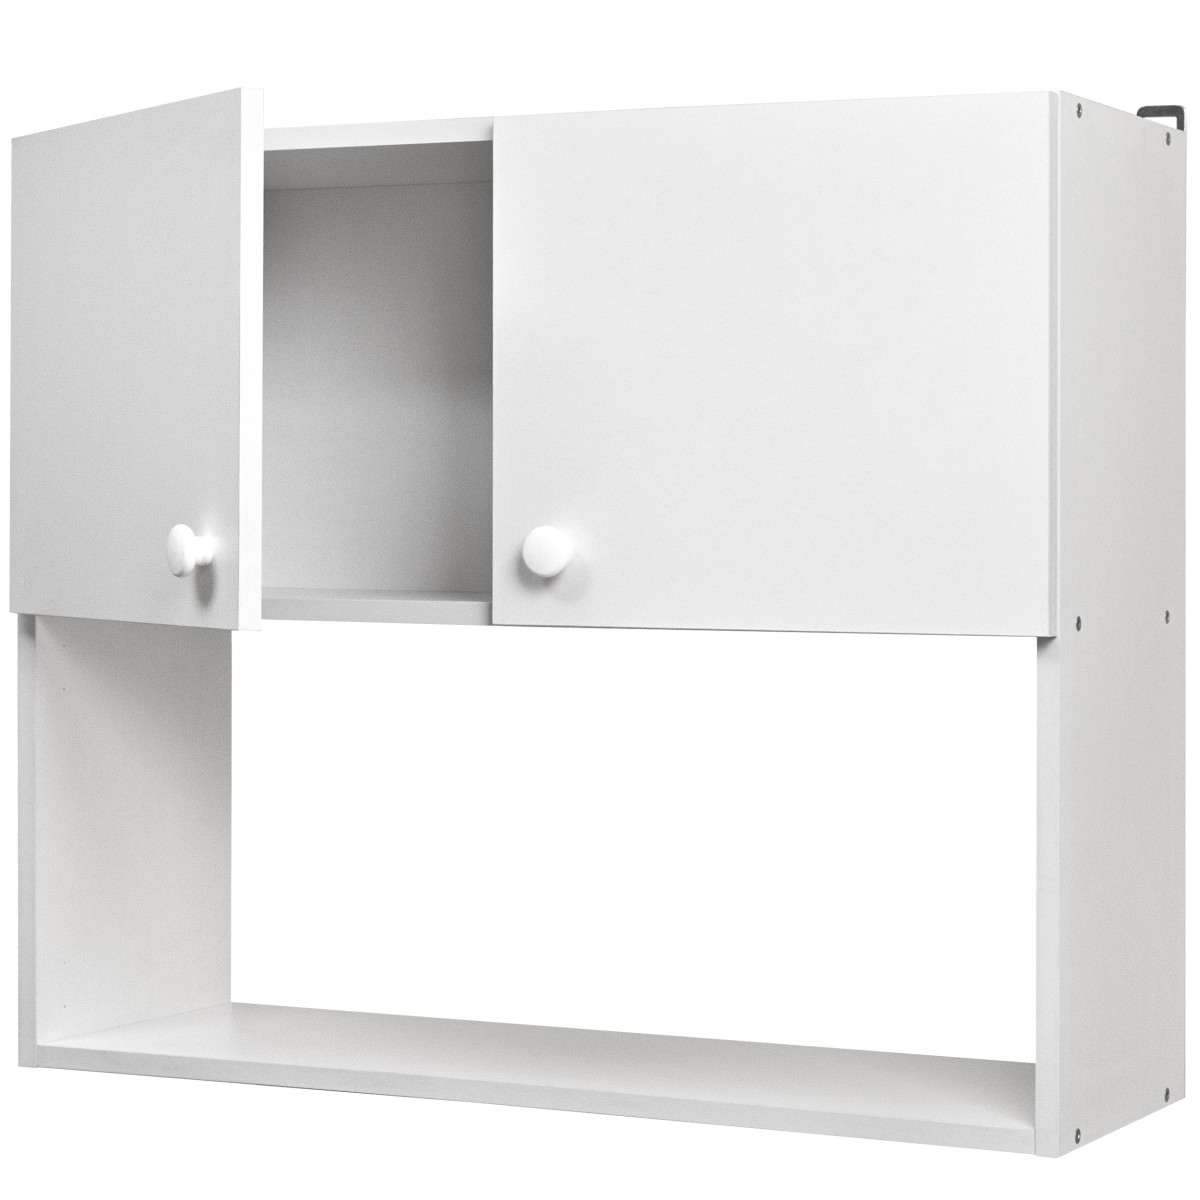 Шкаф навесной Бэлла 80x67.6х29 см ЛДСП цвет белый